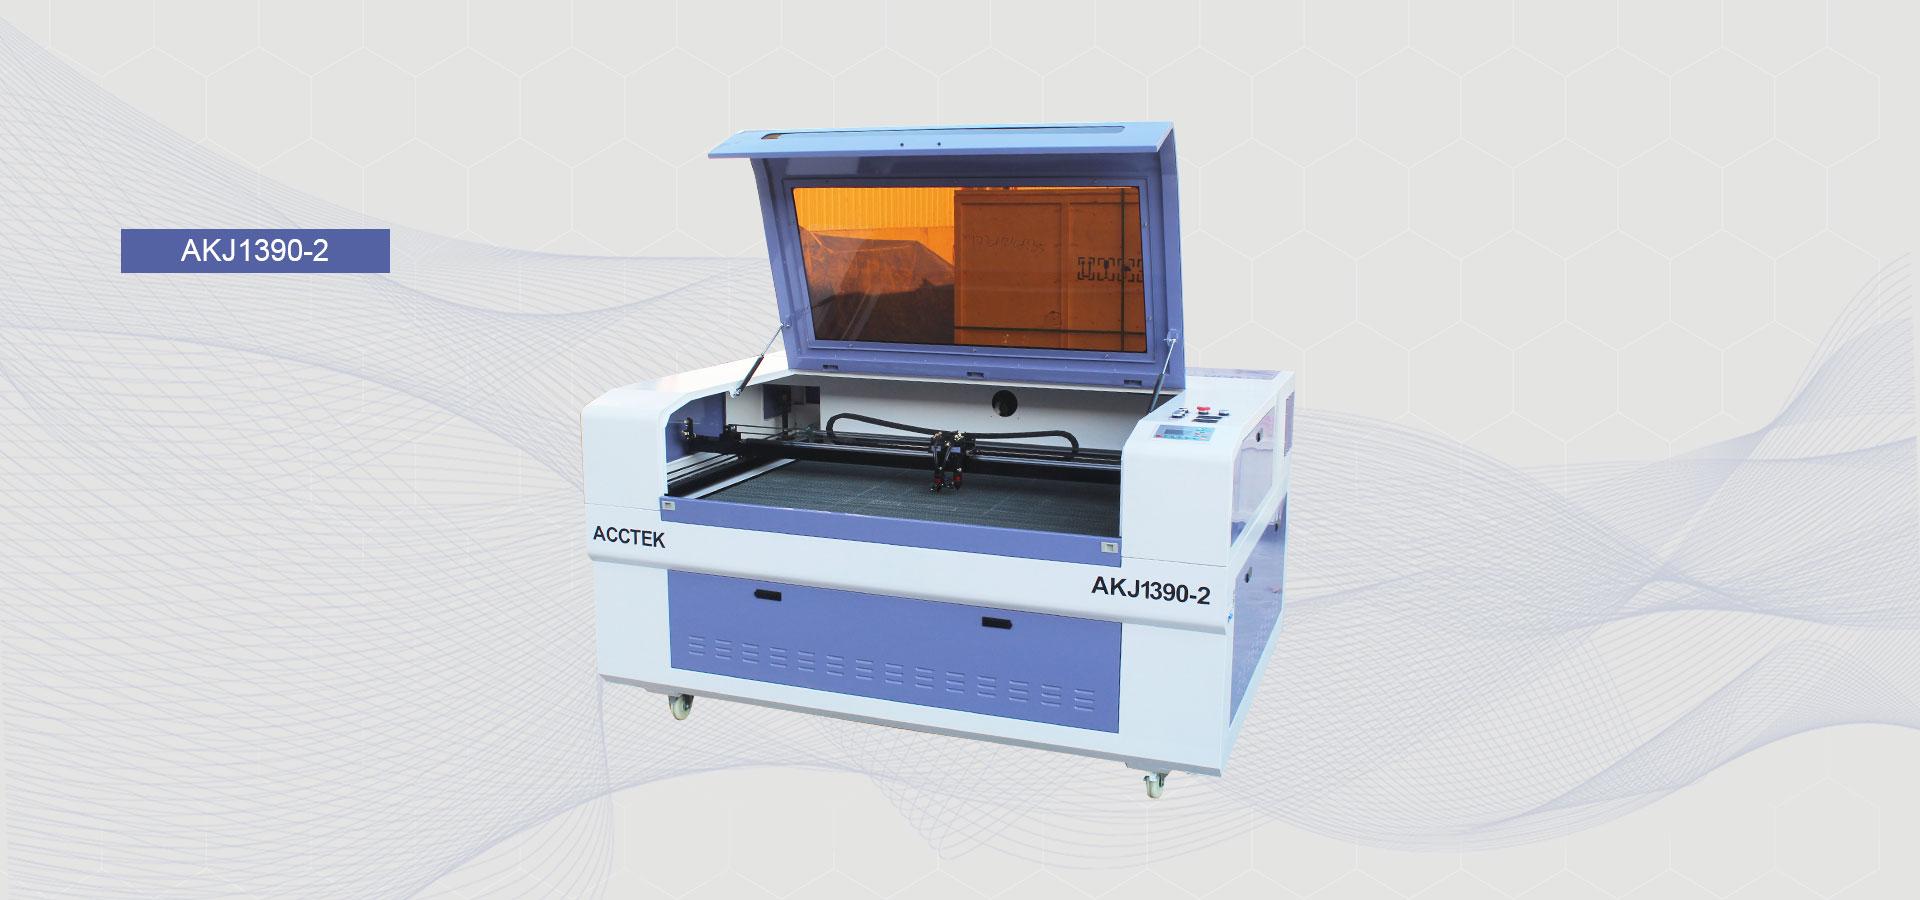 AKJ1390-2